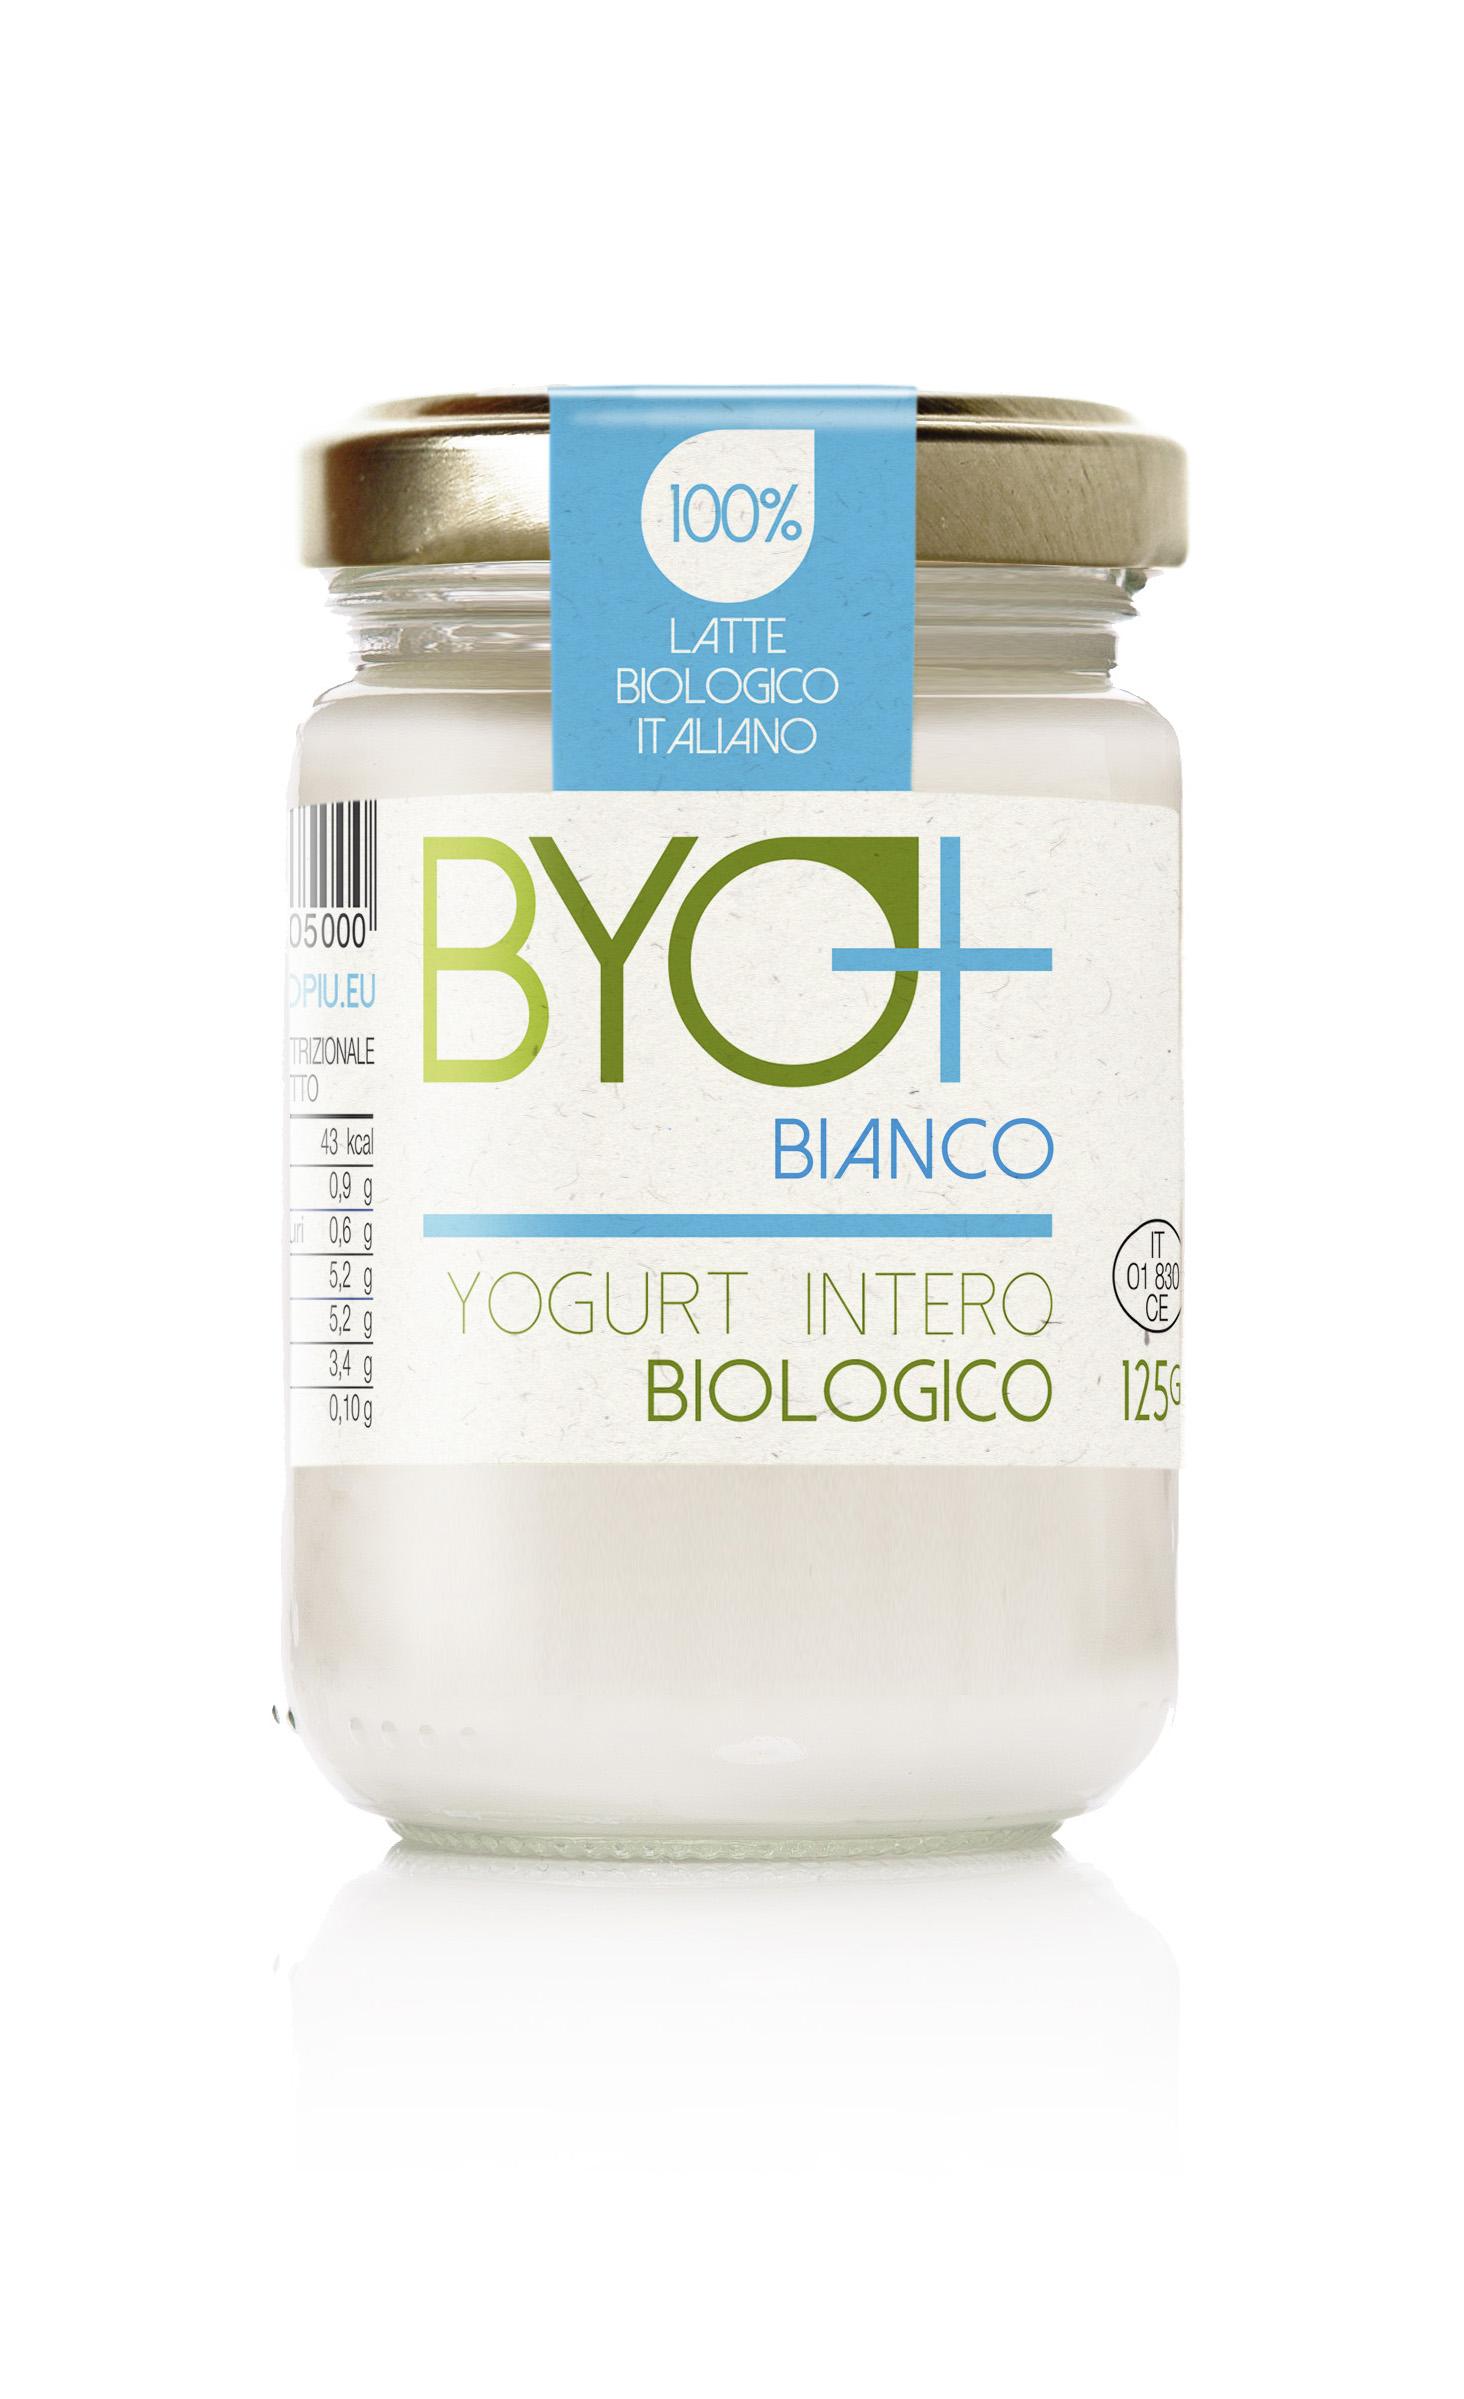 Byo+_Yogurt intero biologico 125g-bianco